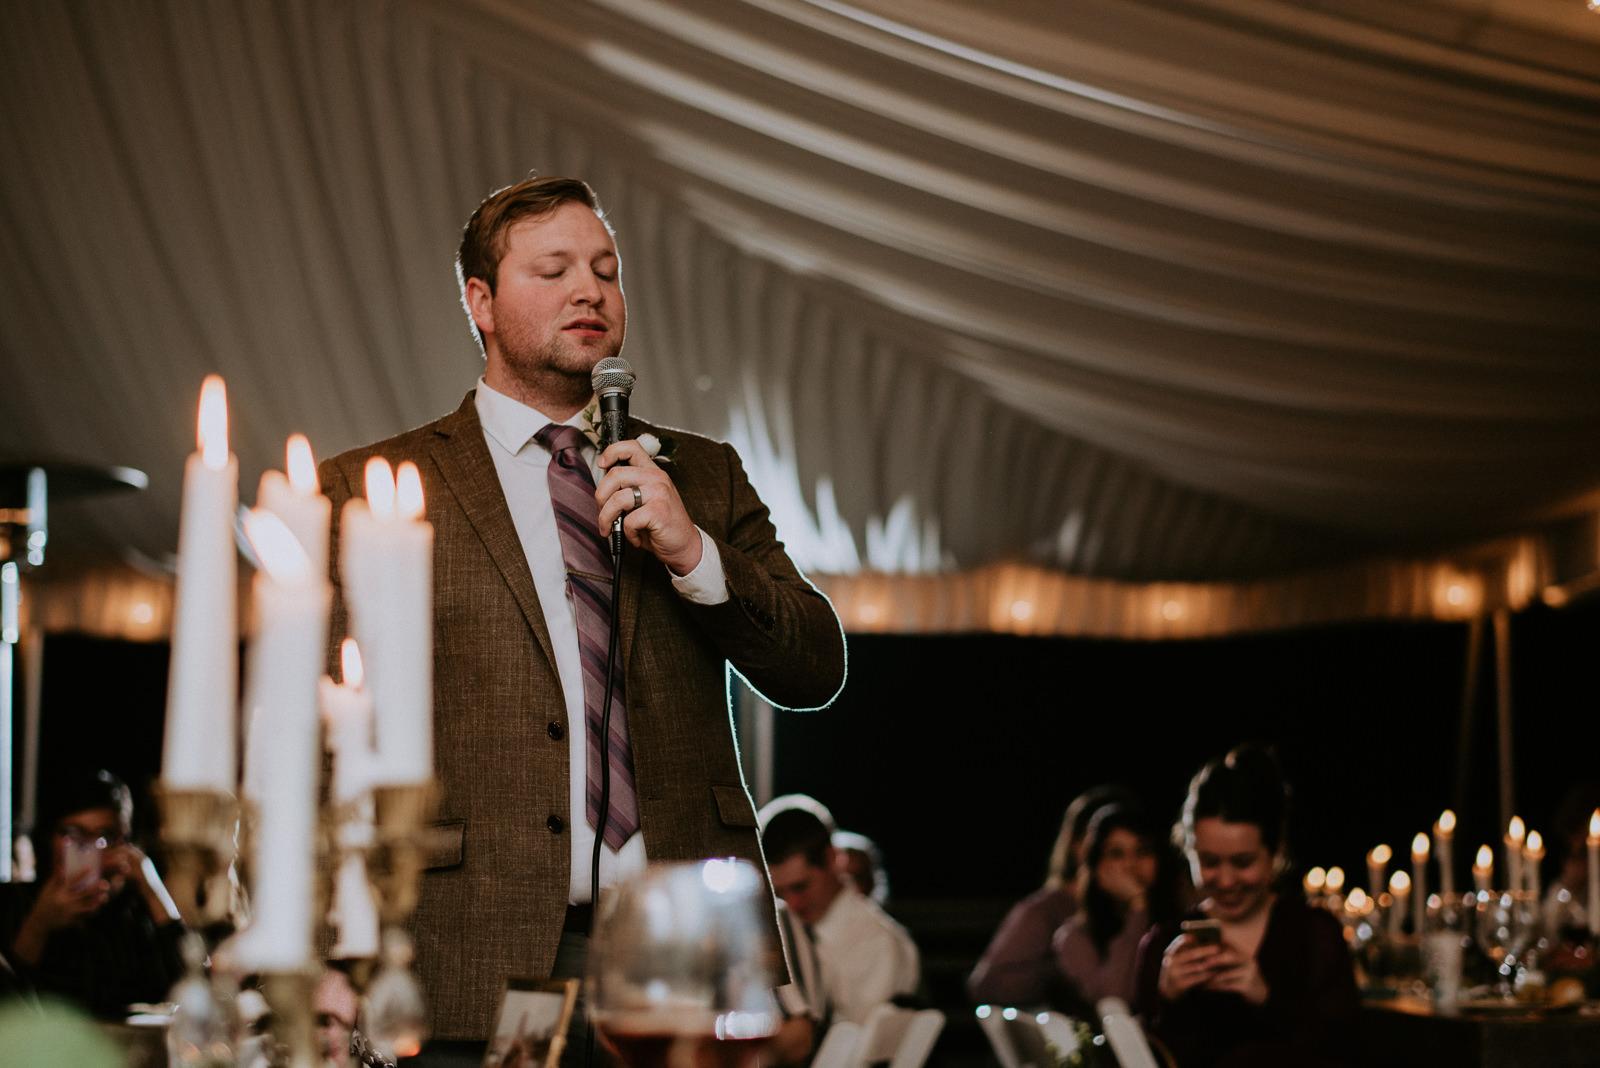 groom sings a song at wedding